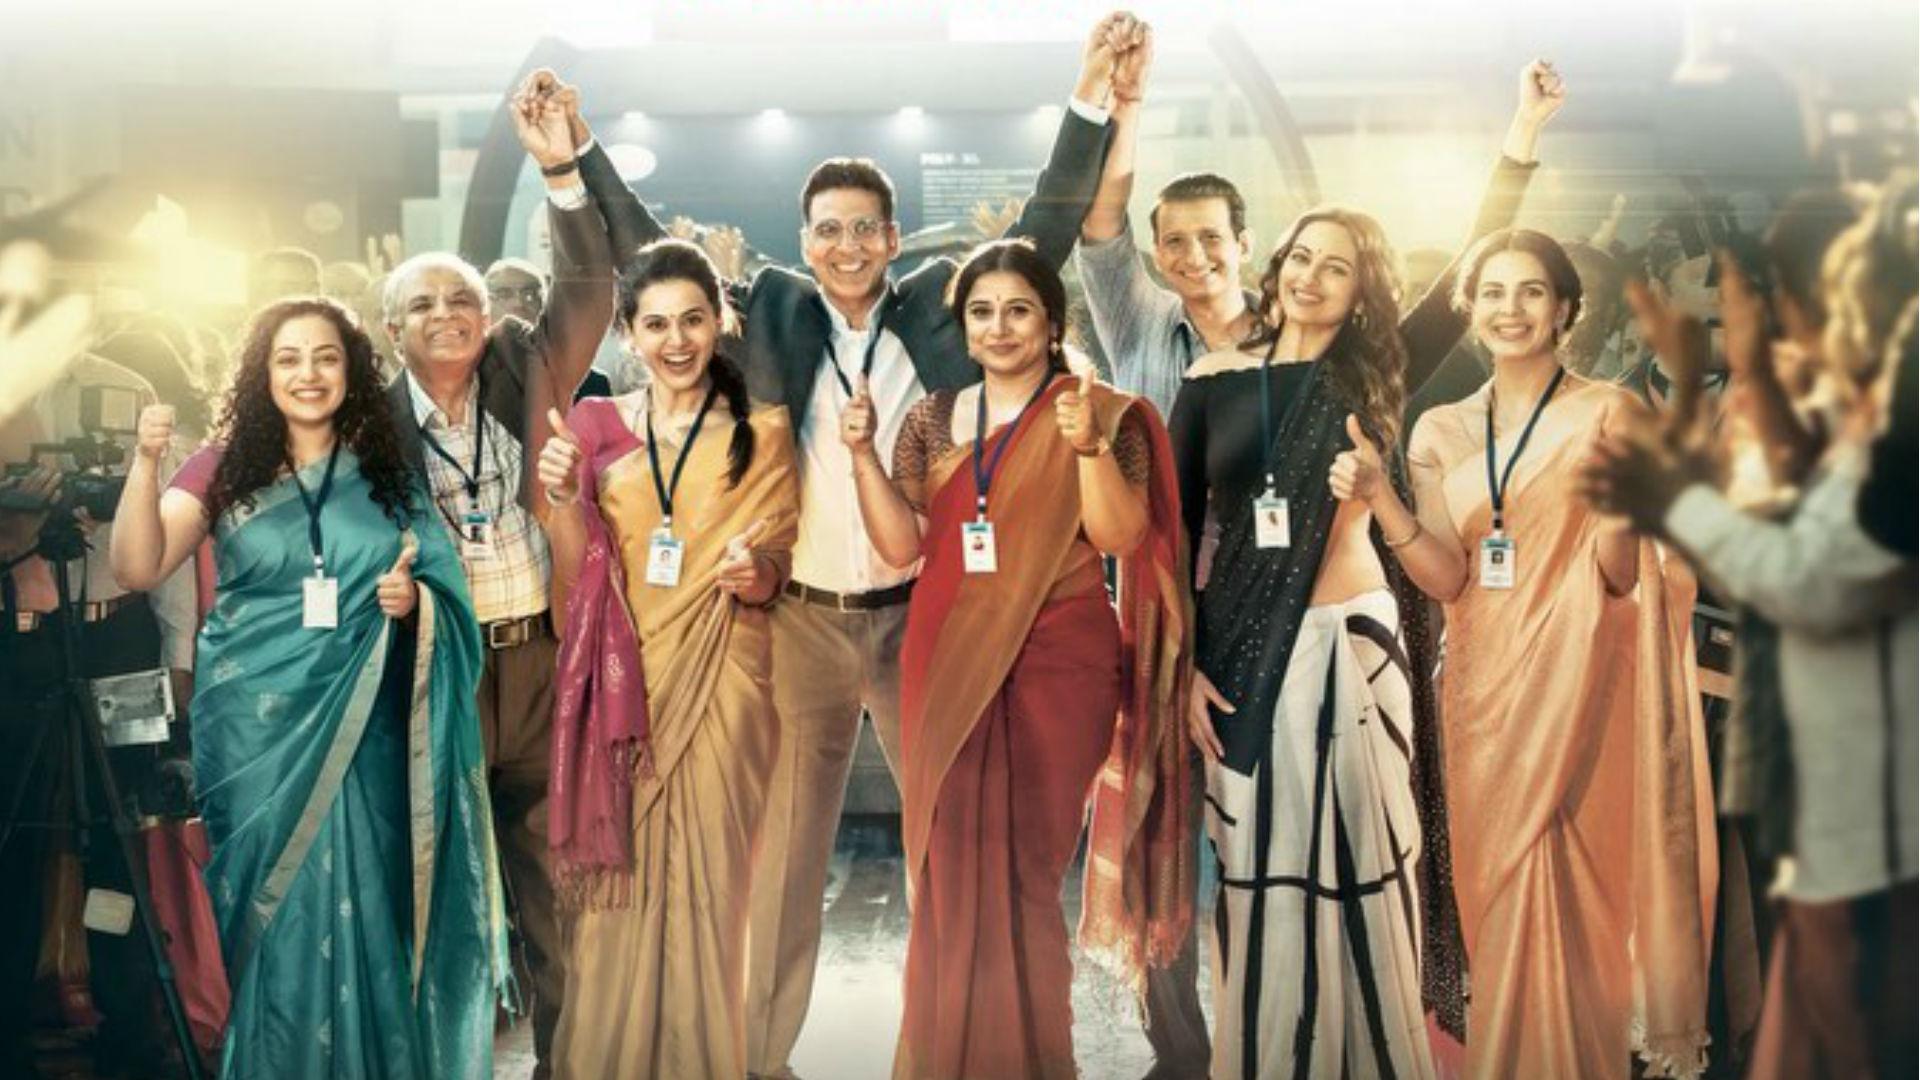 Mission Mangal Collection: 100 करोड़ी क्लब में शामिल हुई फिल्म मिशन मंगल, 5 दिन में कमाए इतने करोड़ रुपये